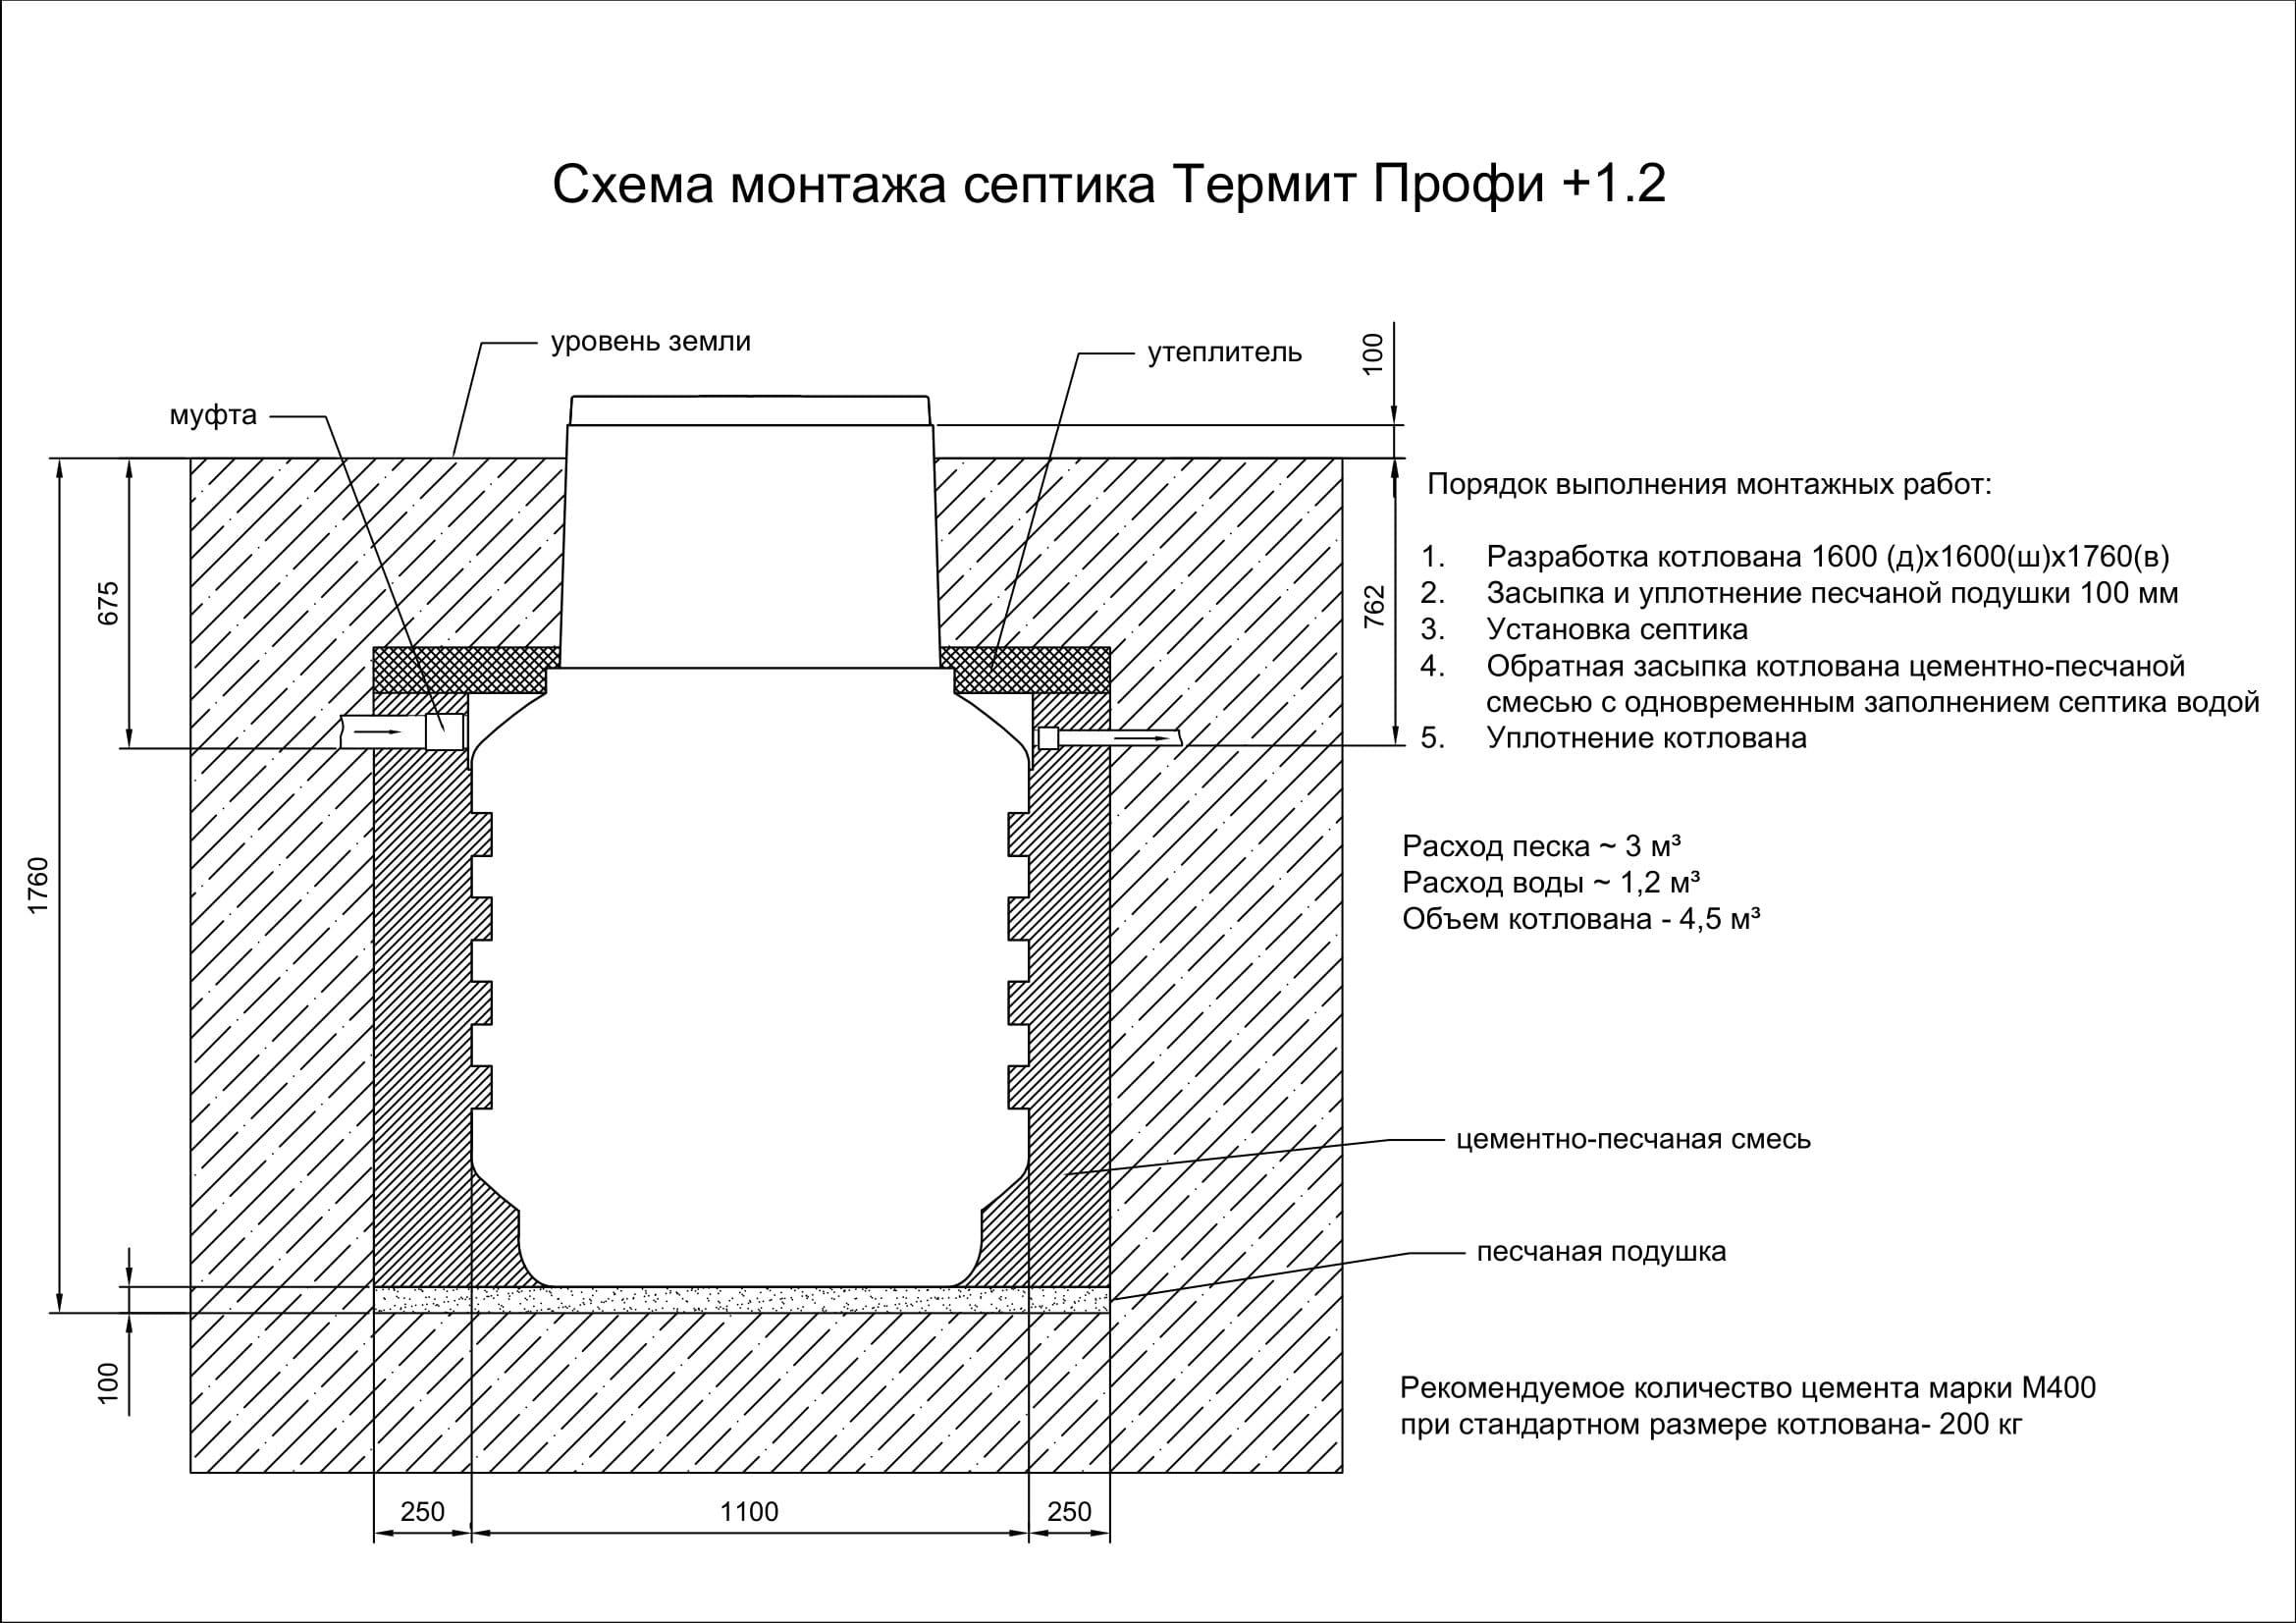 Септик термит: монтаж системы, принцип работы, отзывы владельцев